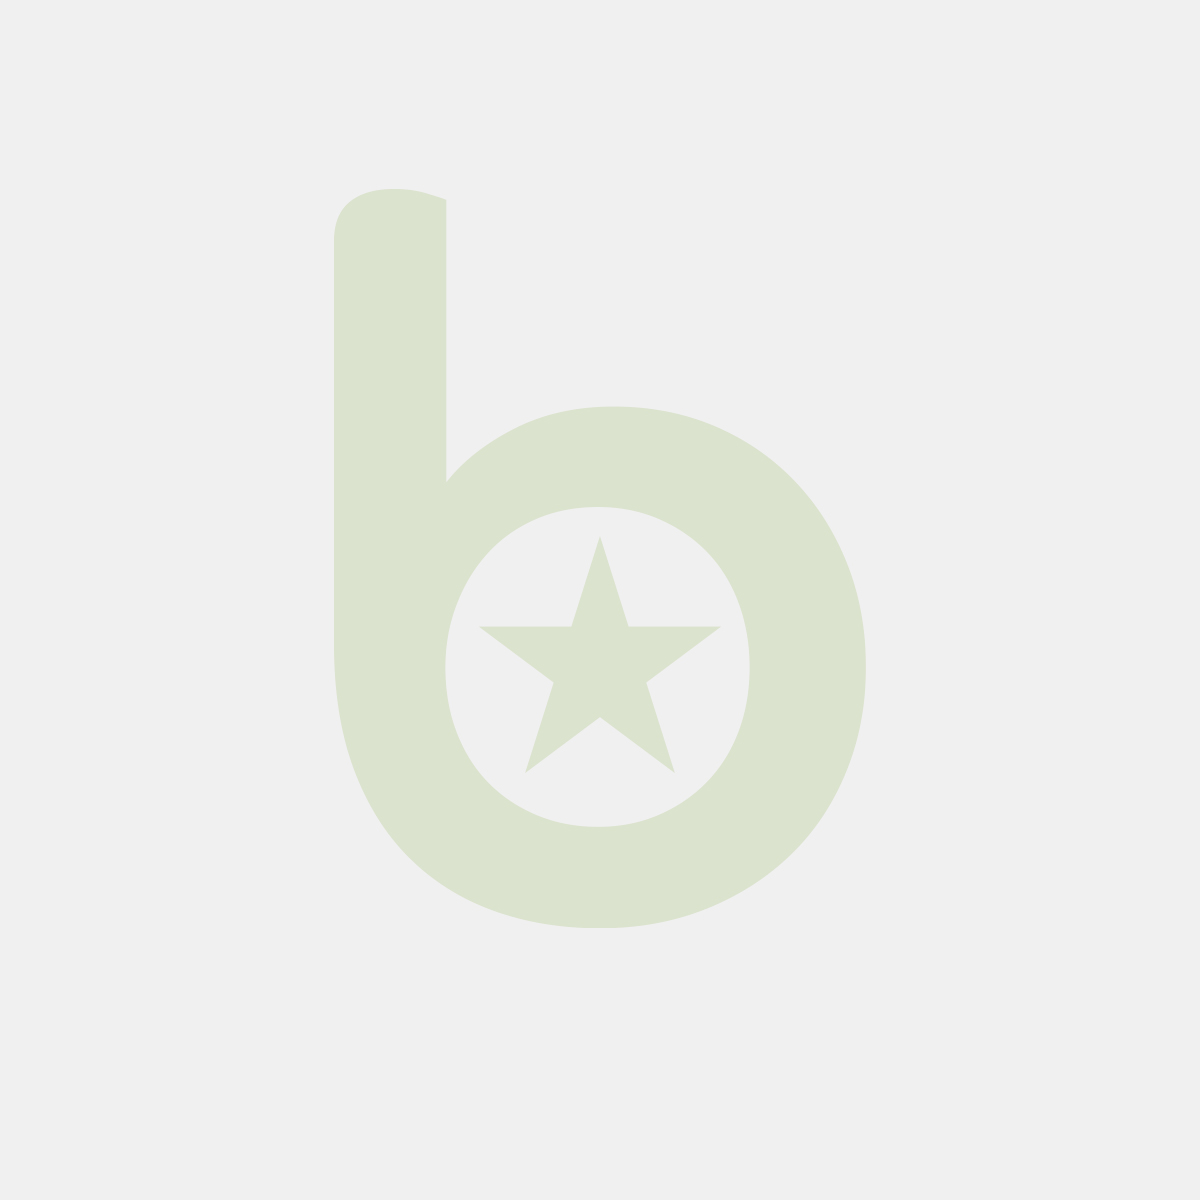 Gumka uniwersalna KEYROAD Ryba, 3szt., blister, mix kolorów